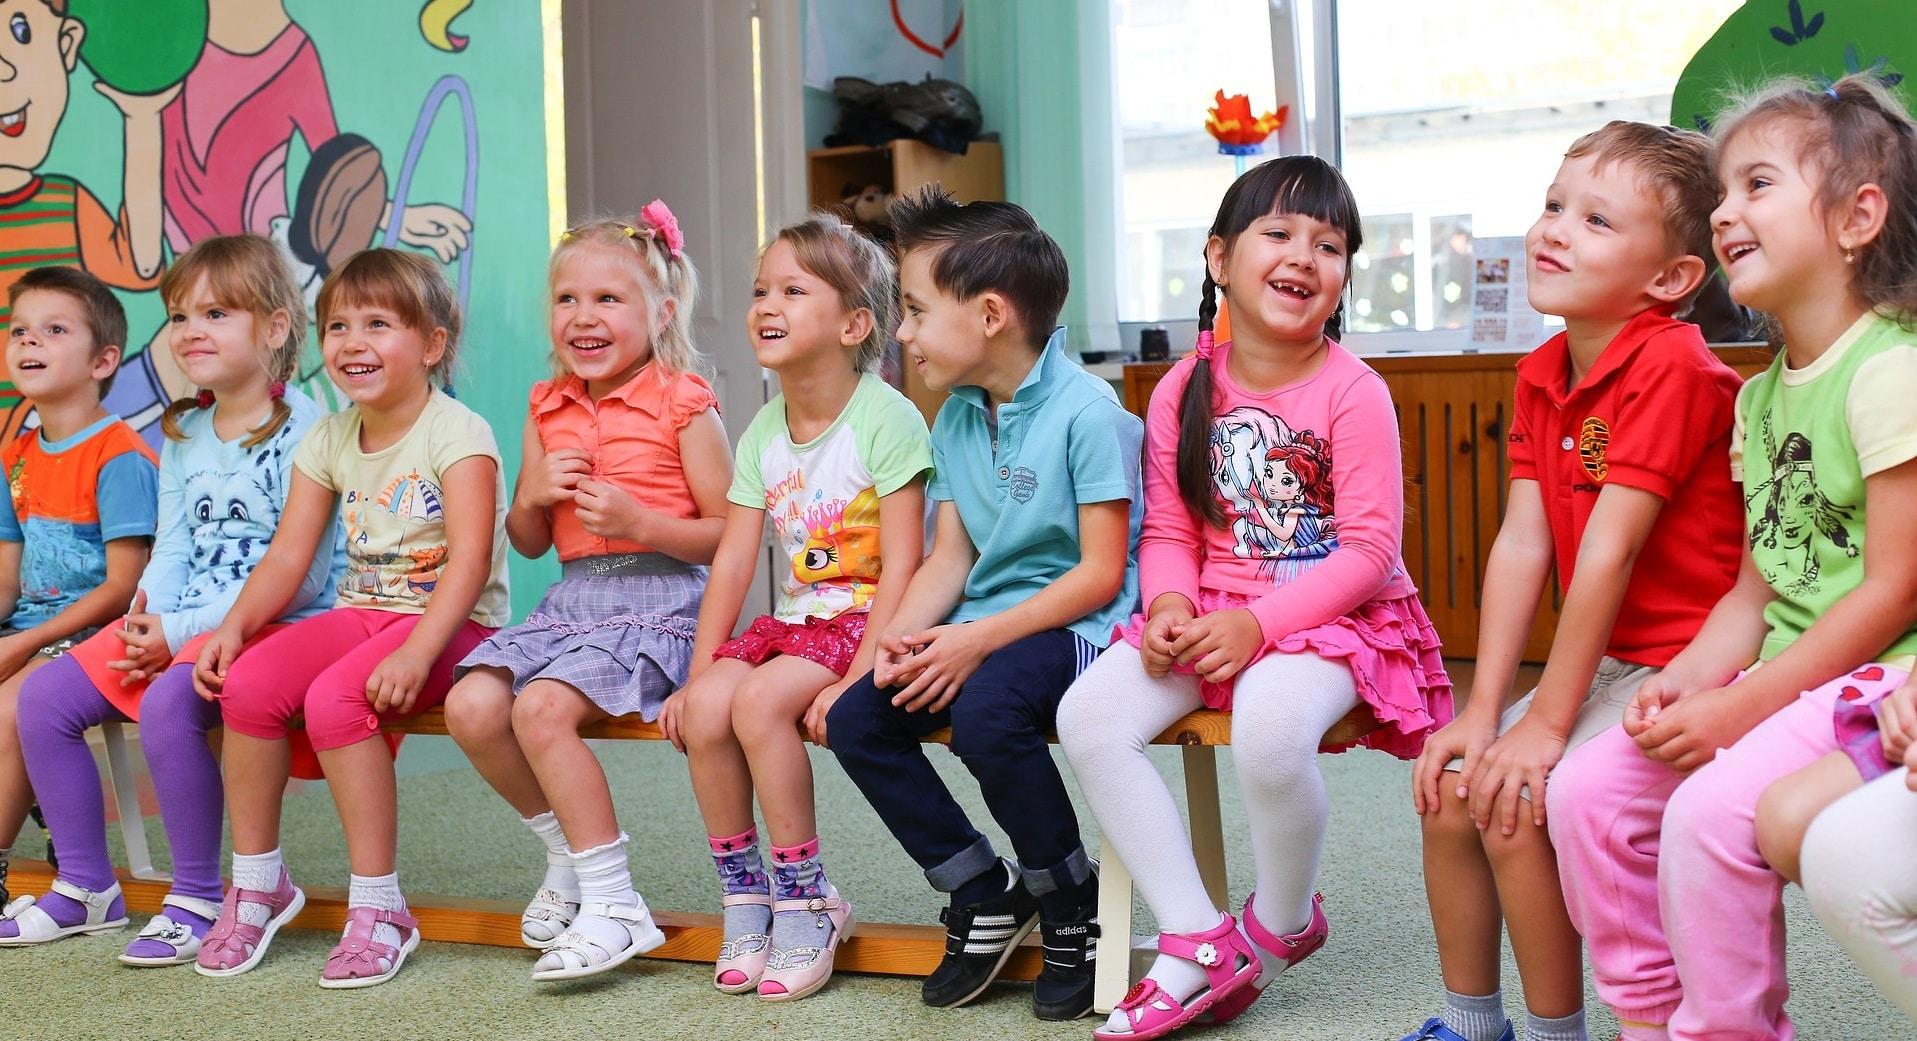 Kinder auf einer Bank zur Illustration von Muster-Stellenanzeigen für pädagogische Fachkräfte. Damit können Arbeitgeber Erzieher finden.